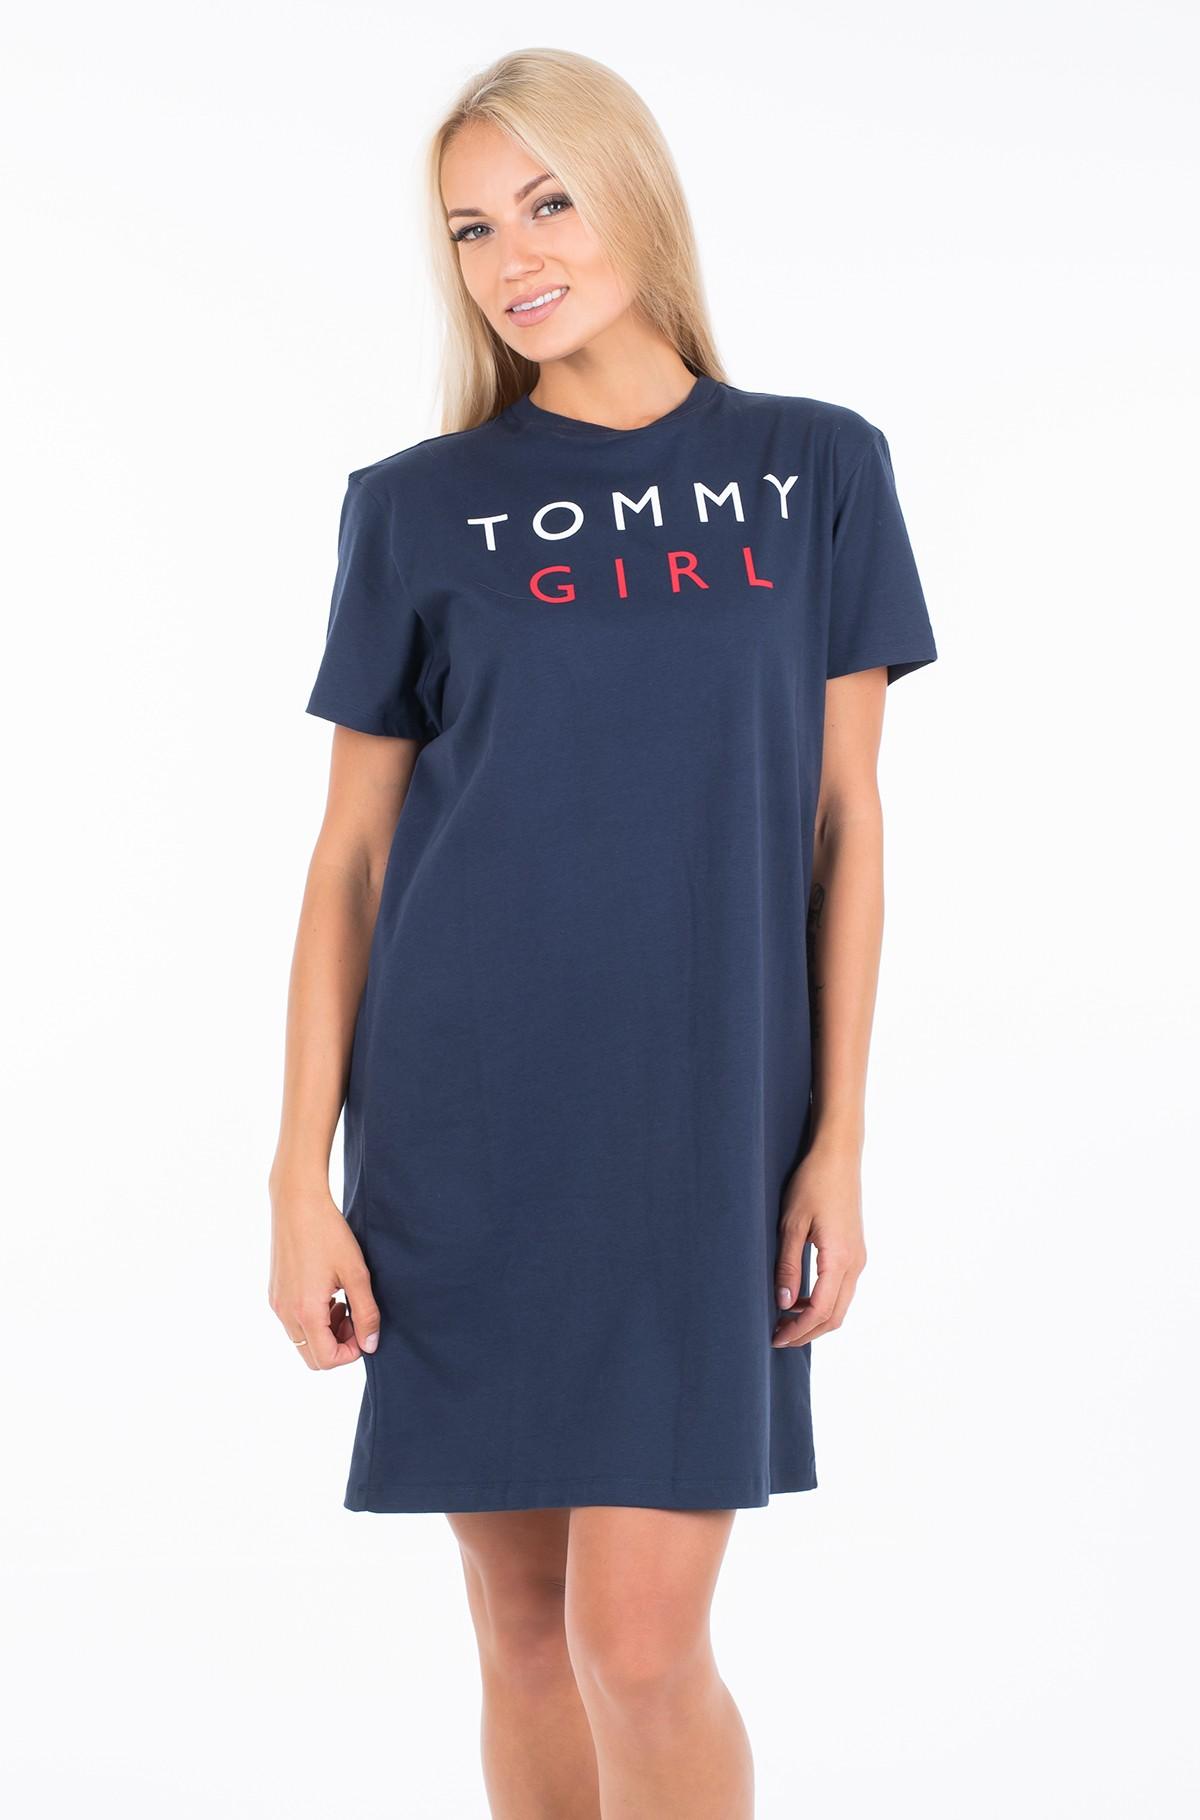 Naktiniai marškinėliai NIGHT DRESS-full-1